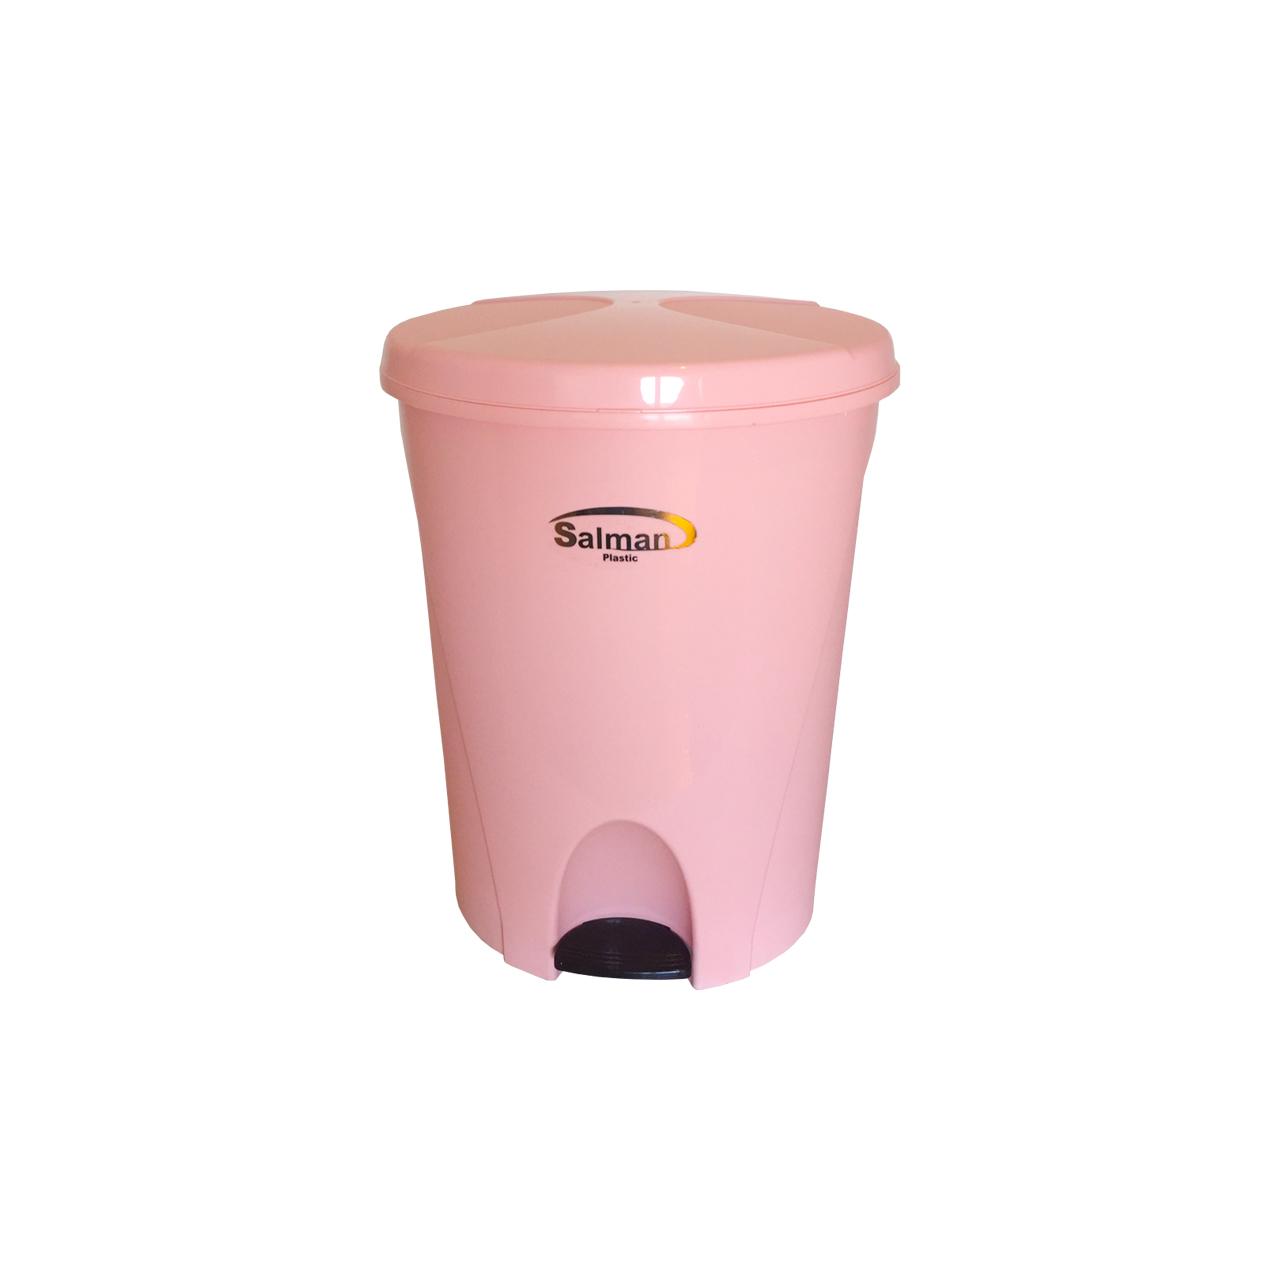 سطل زباله پدالی سلمان پلاستیک مدل گلبرگ 340